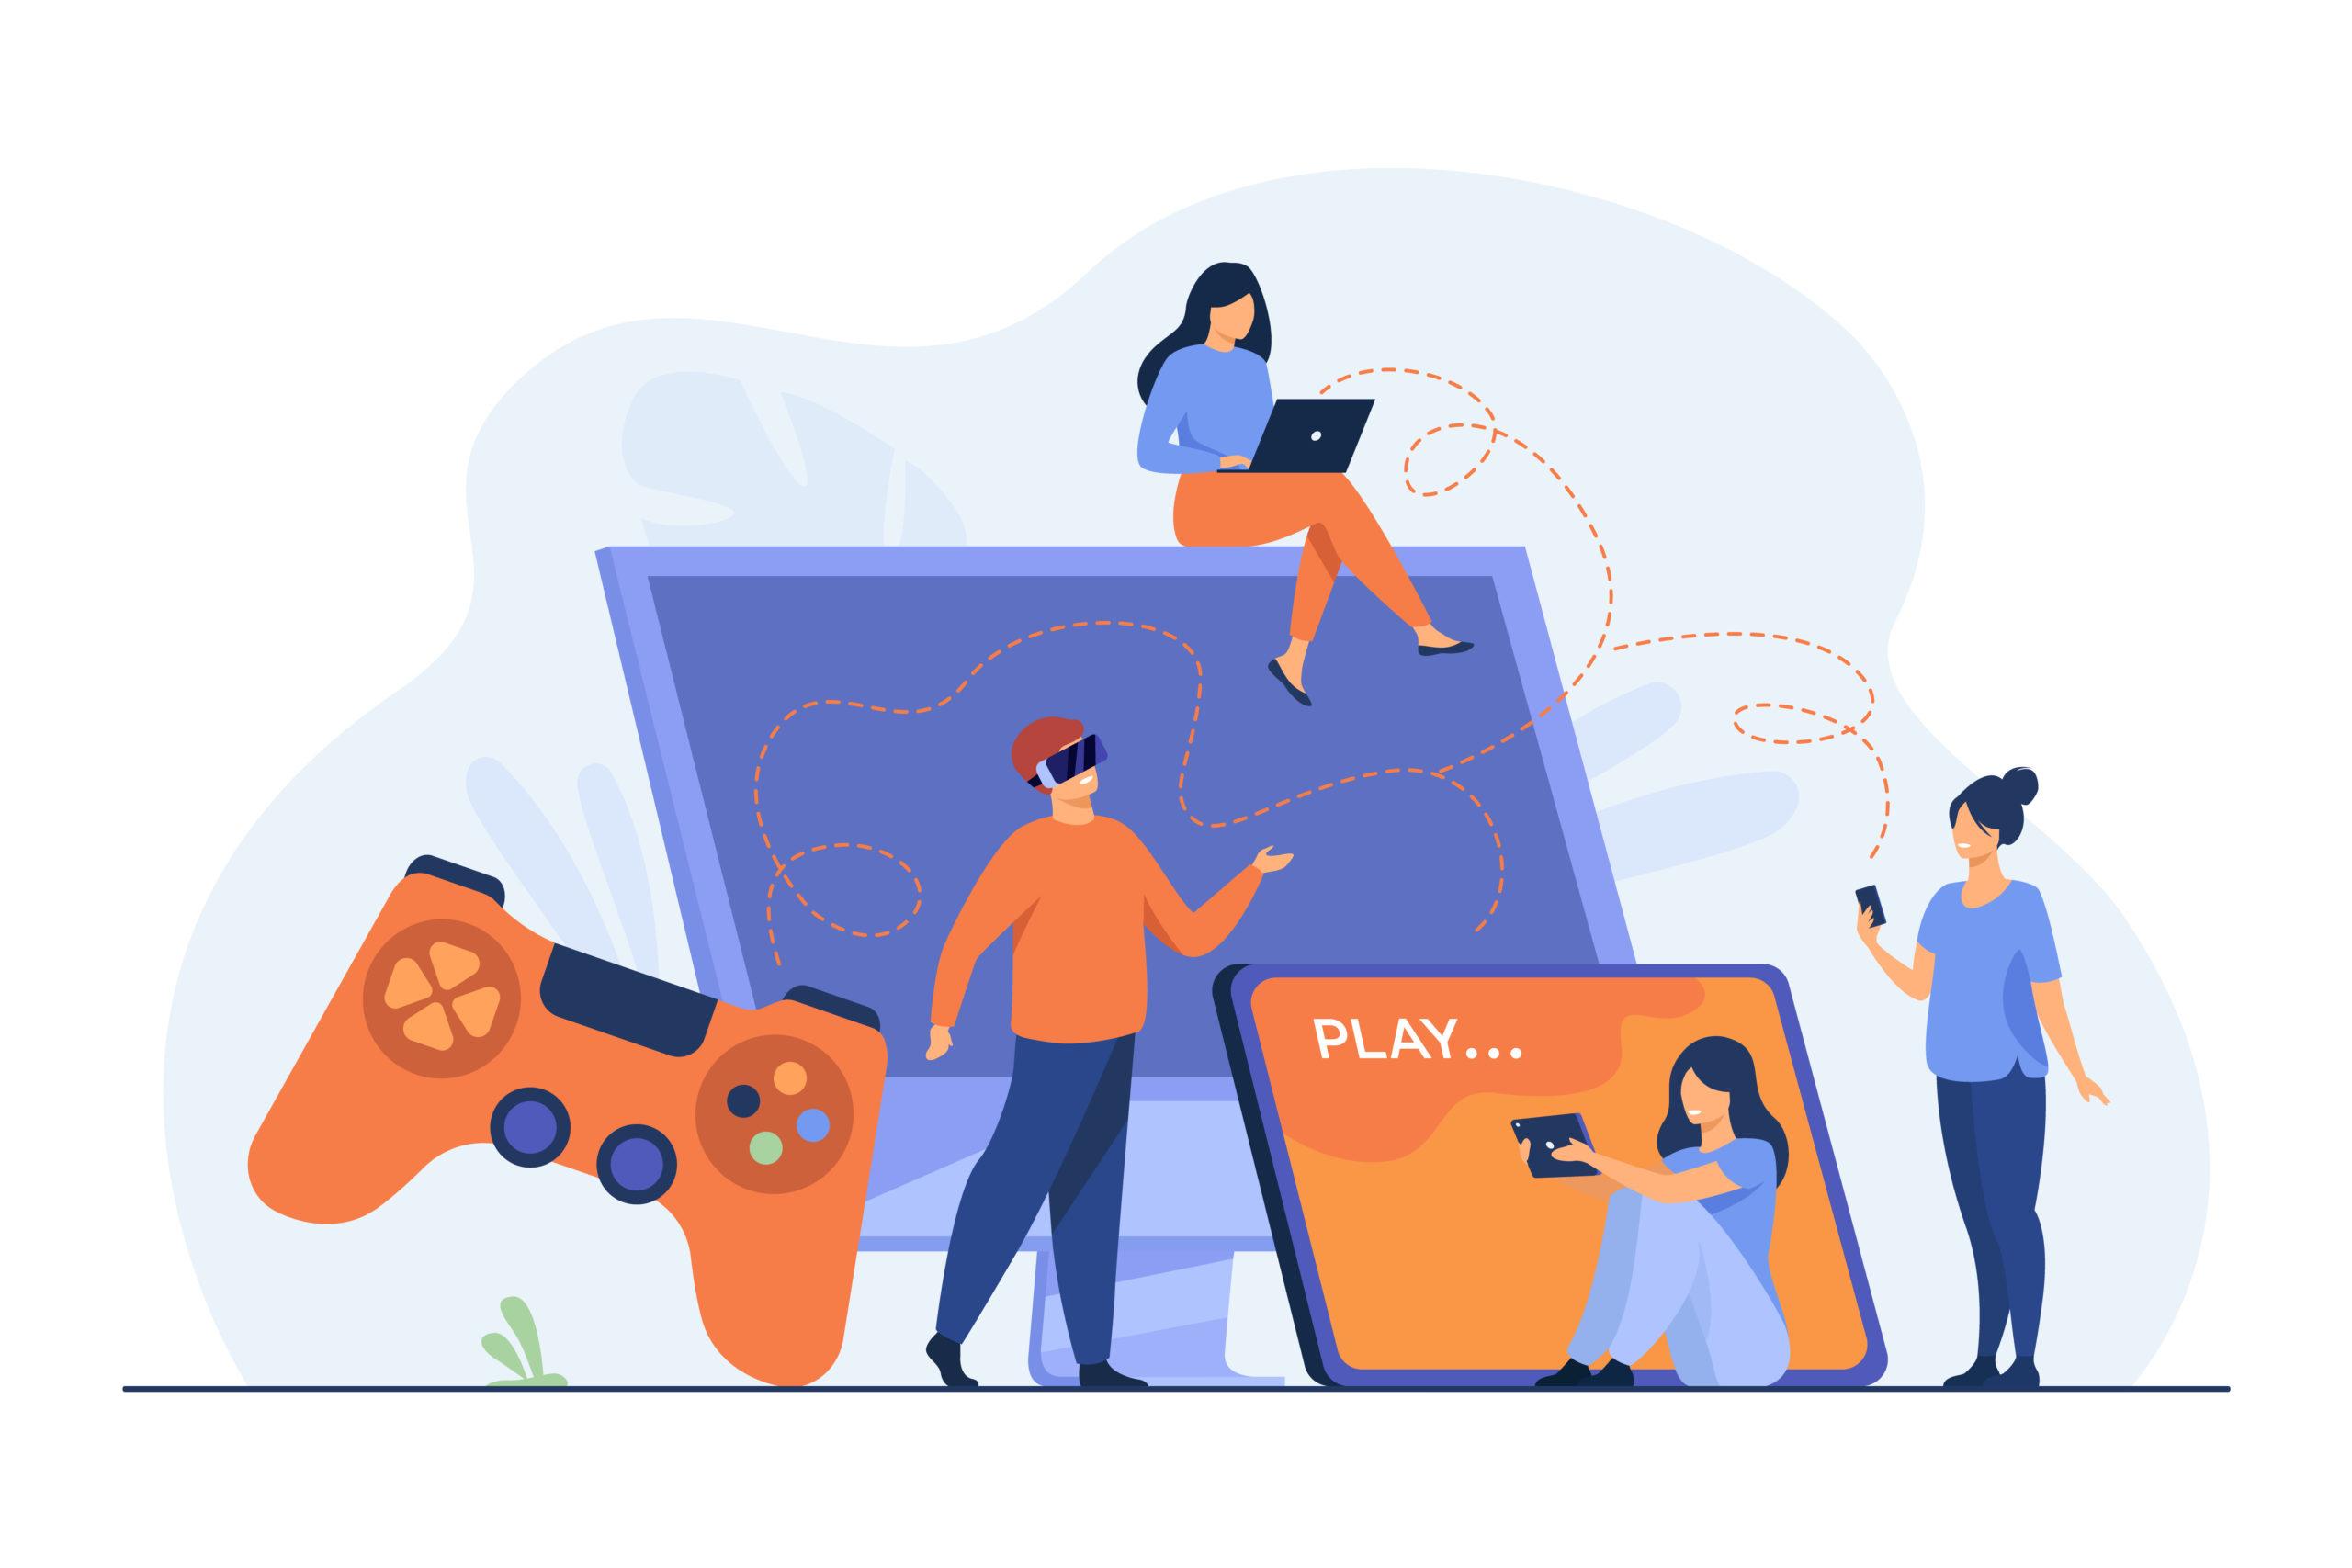 Des joueurs utilisant différents appareils et jouant sur téléphone mobile, tablette, ordinateur portable, console. Des personnes profitant de jeux VR 3G. Illustration vectorielle pour le cross play, concepts de matériel de jeu.